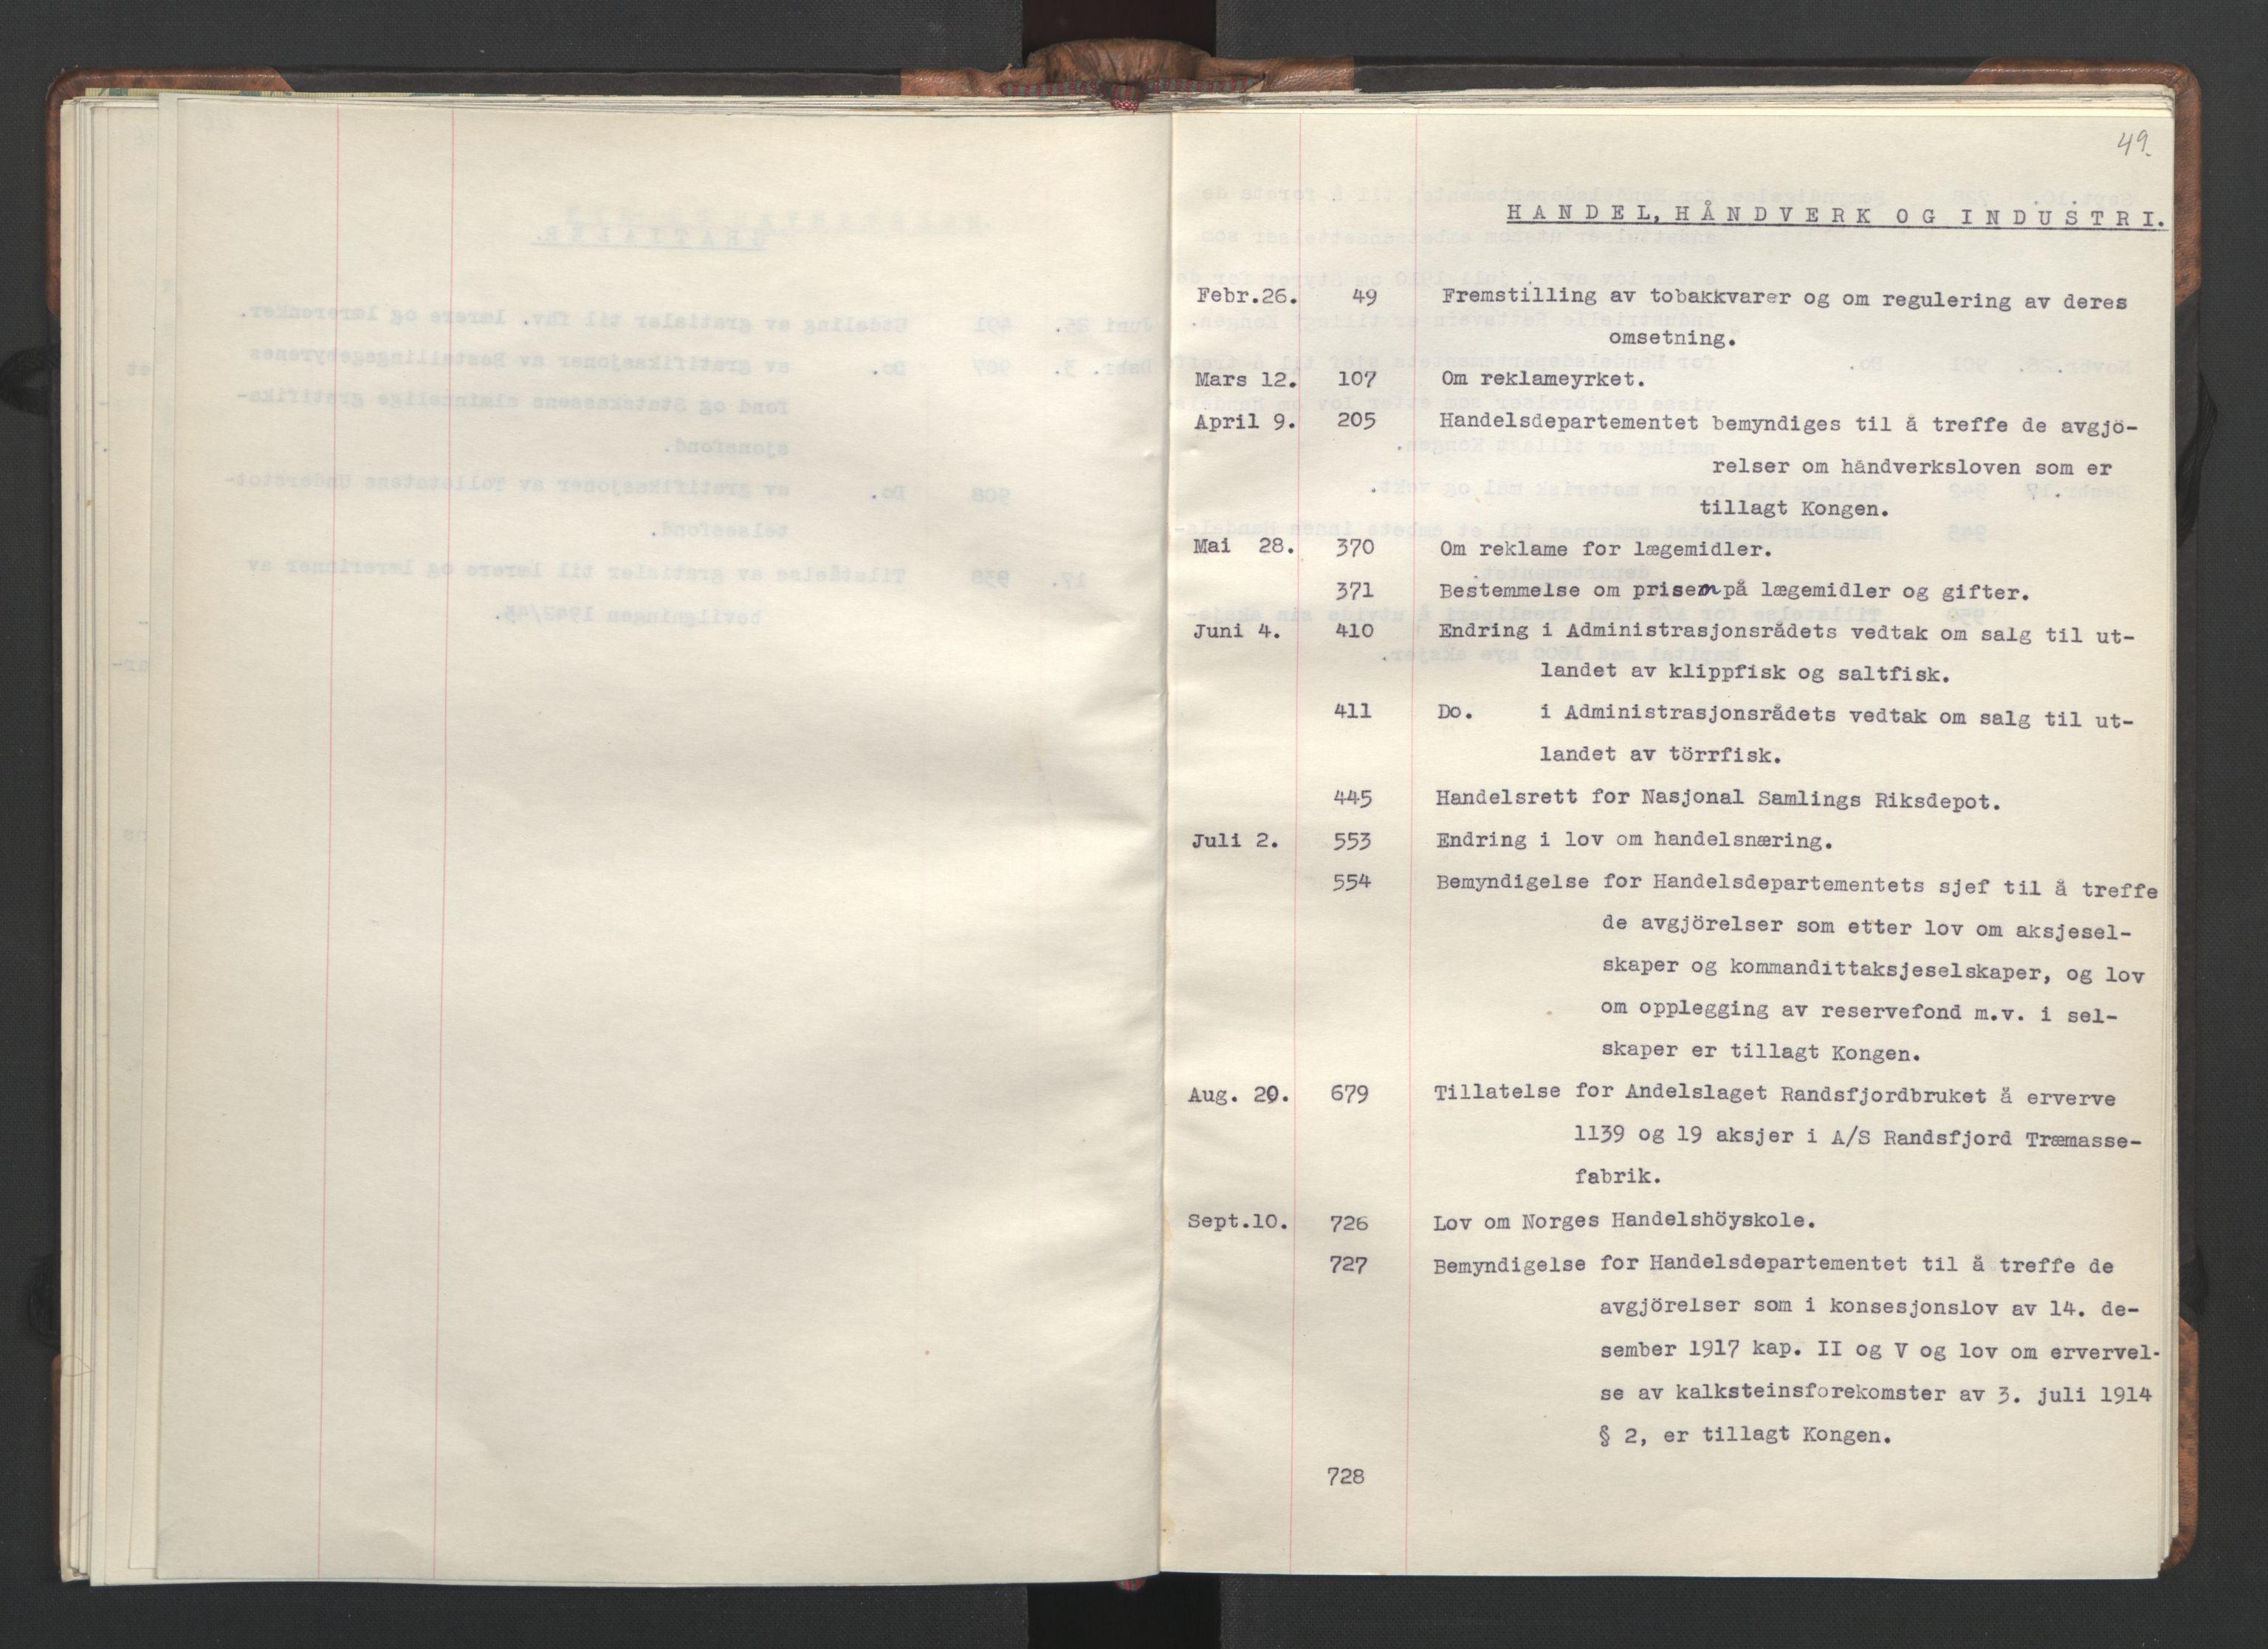 RA, NS-administrasjonen 1940-1945 (Statsrådsekretariatet, de kommisariske statsråder mm), D/Da/L0002: Register (RA j.nr. 985/1943, tilgangsnr. 17/1943), 1942, s. 48b-49a